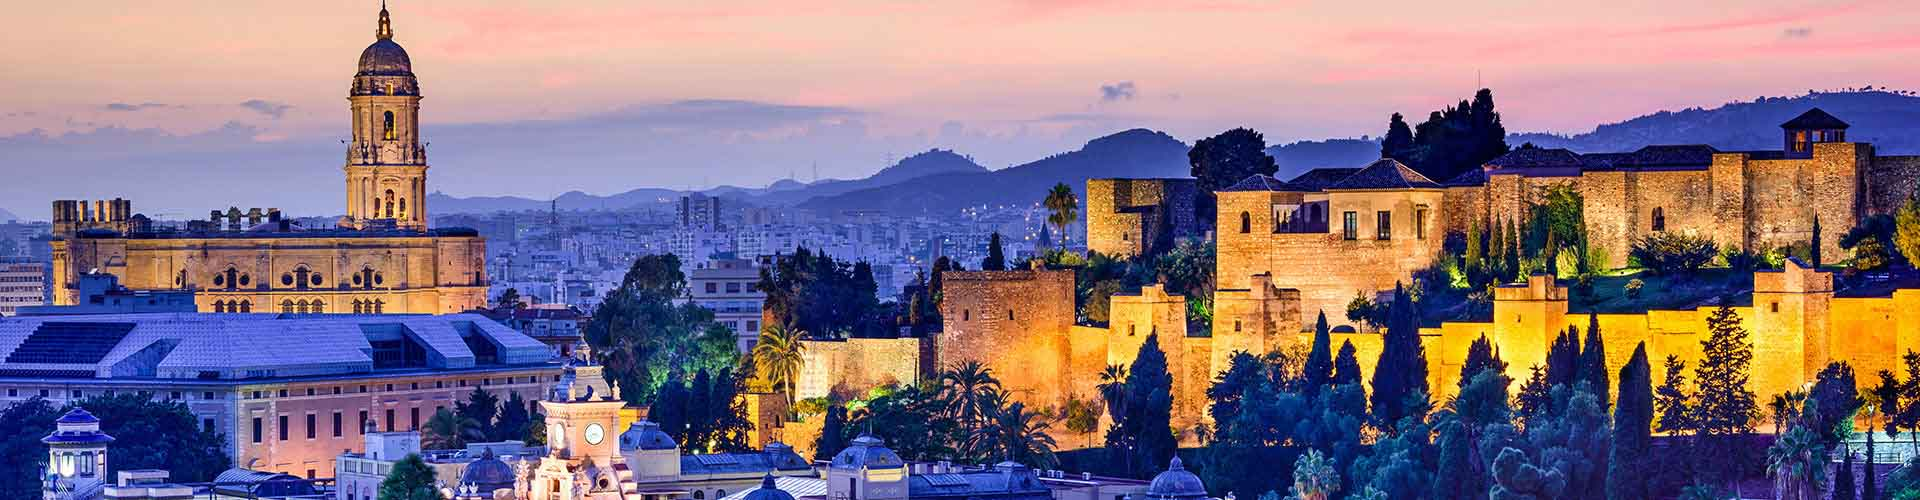 Malaga - Camping à Malaga. Cartes pour Malaga, photos et commentaires pour chaque Camping à Malaga.